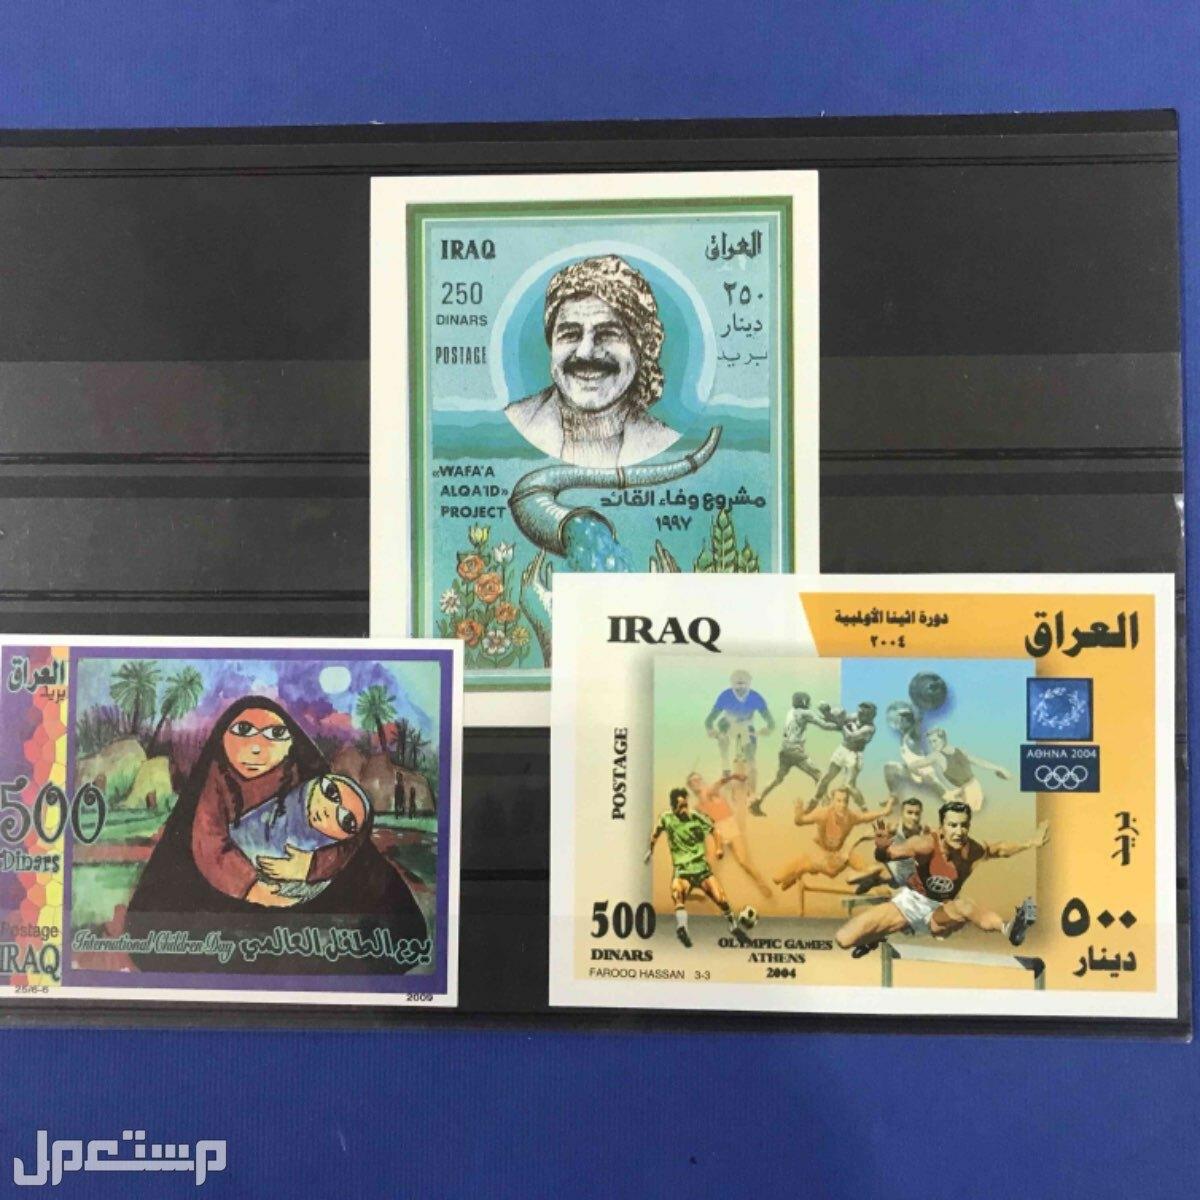 بطاقات بريديه عراقيه نوادر البند8